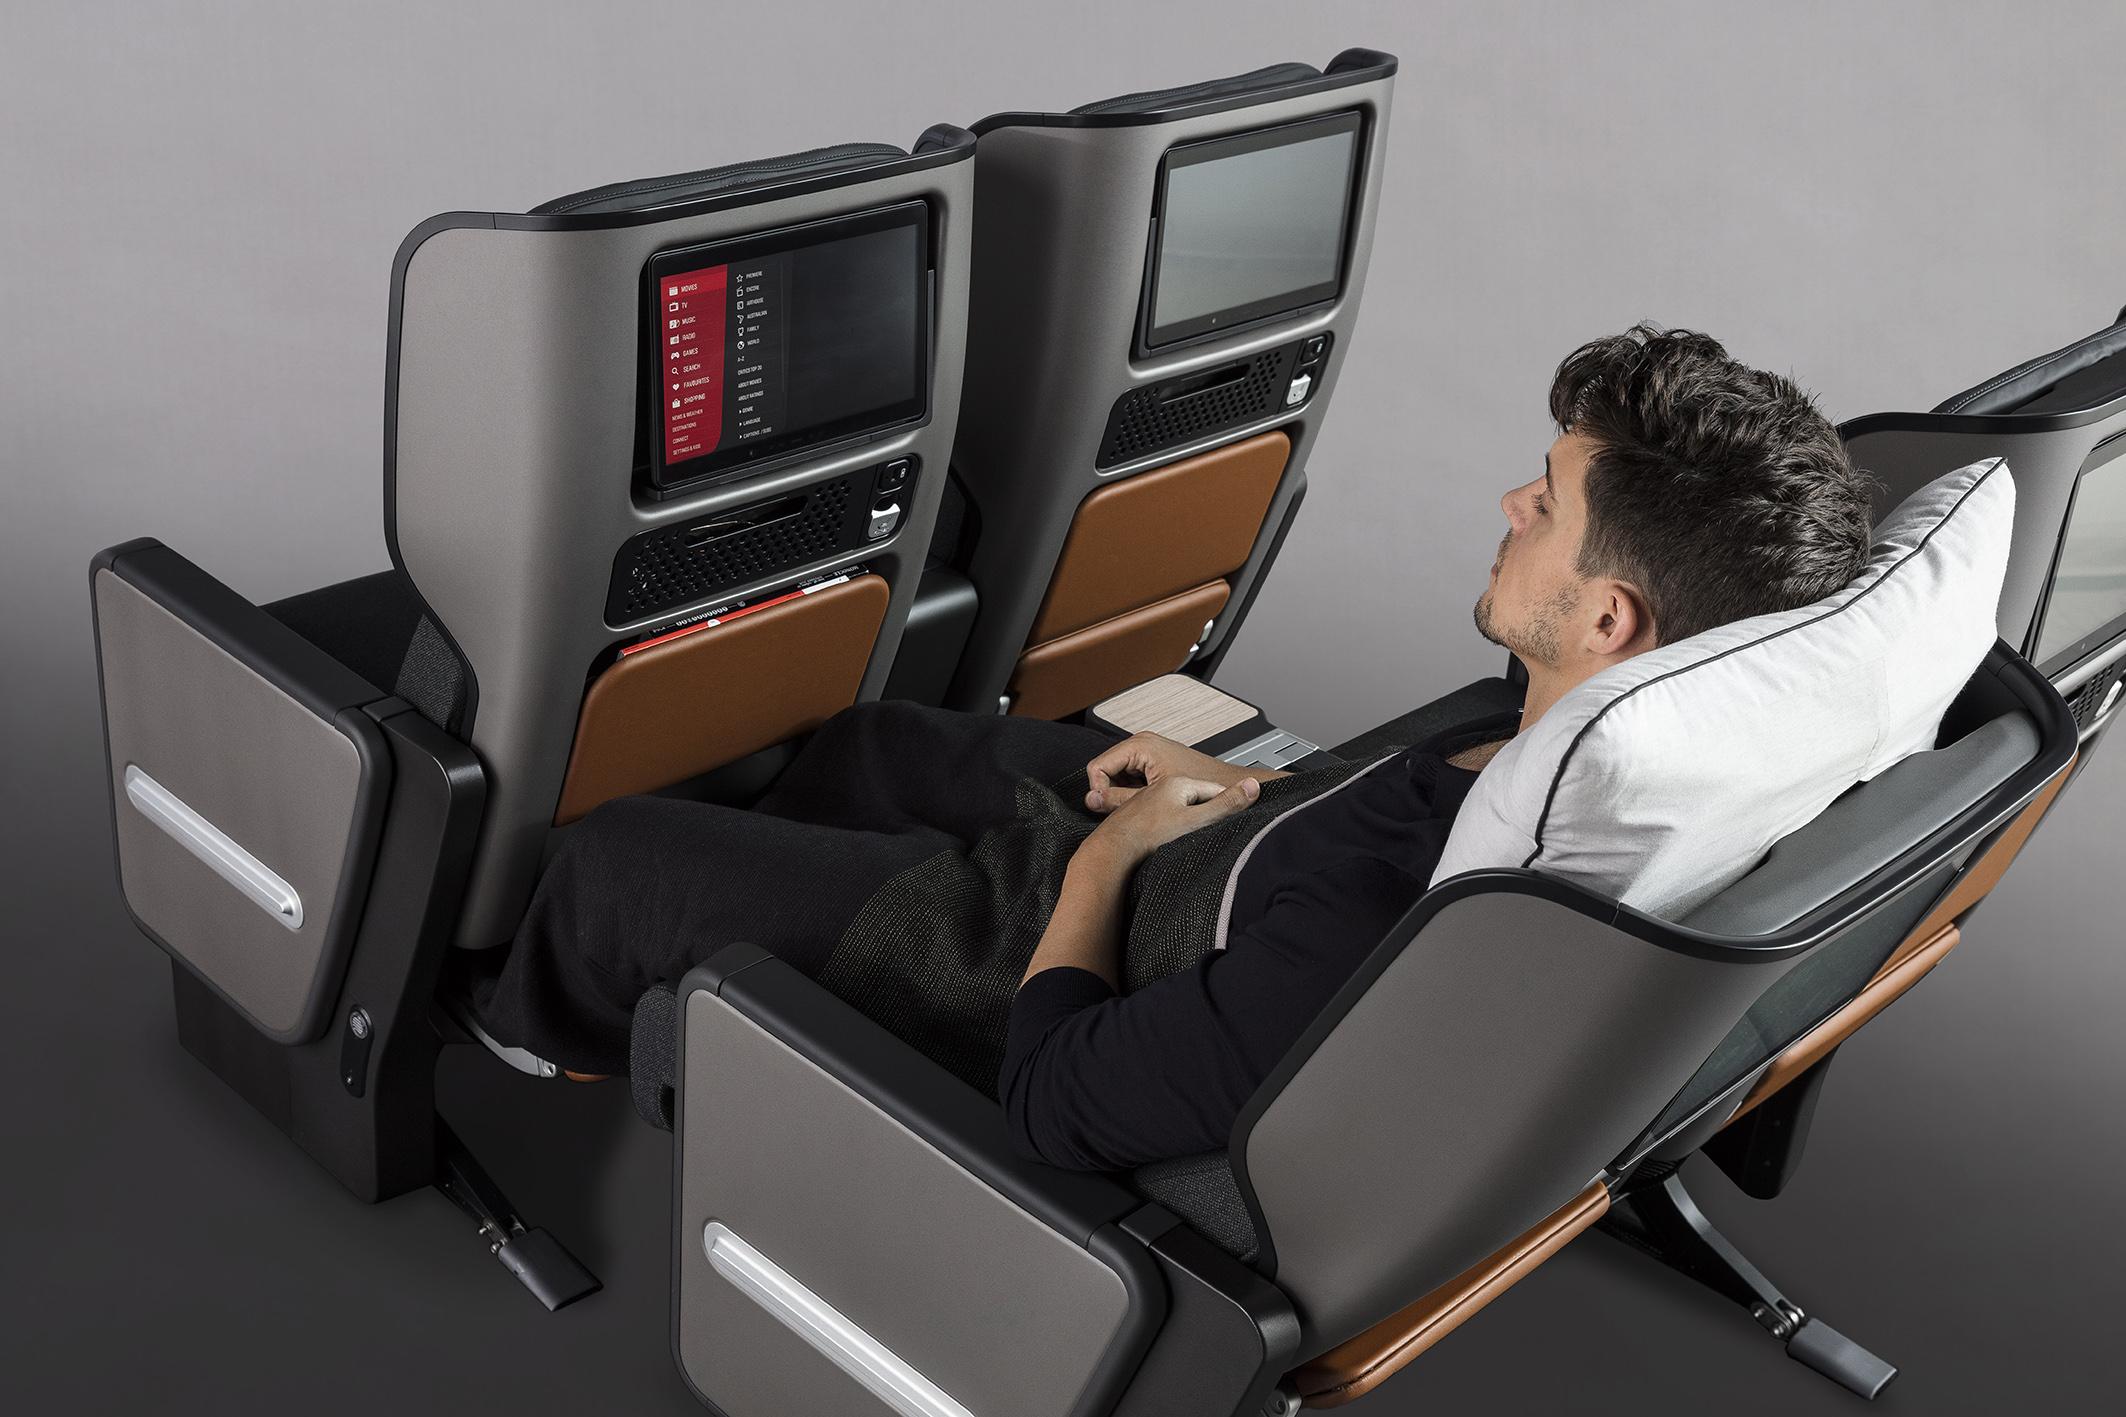 Caon_QF Seats_0A8A7522_DE_v3.jpg